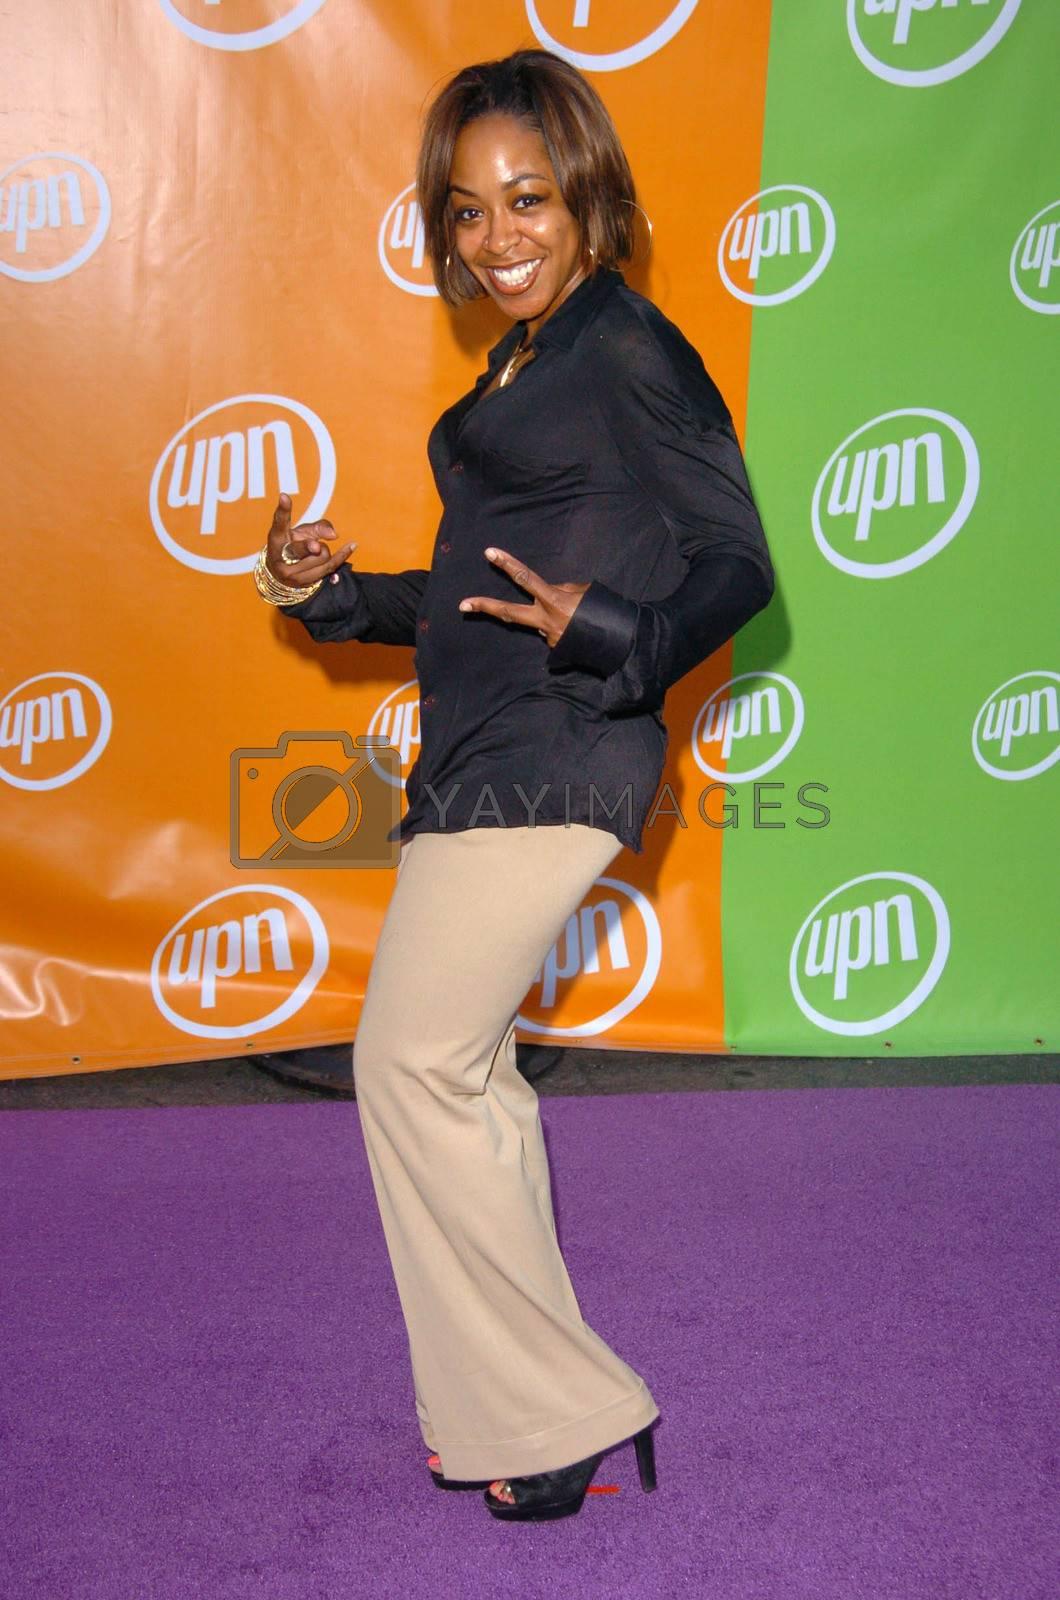 Tichina Arnold At the UPN Summer TCA Party, Paramount Studios, Hollywood, CA 07-21-05